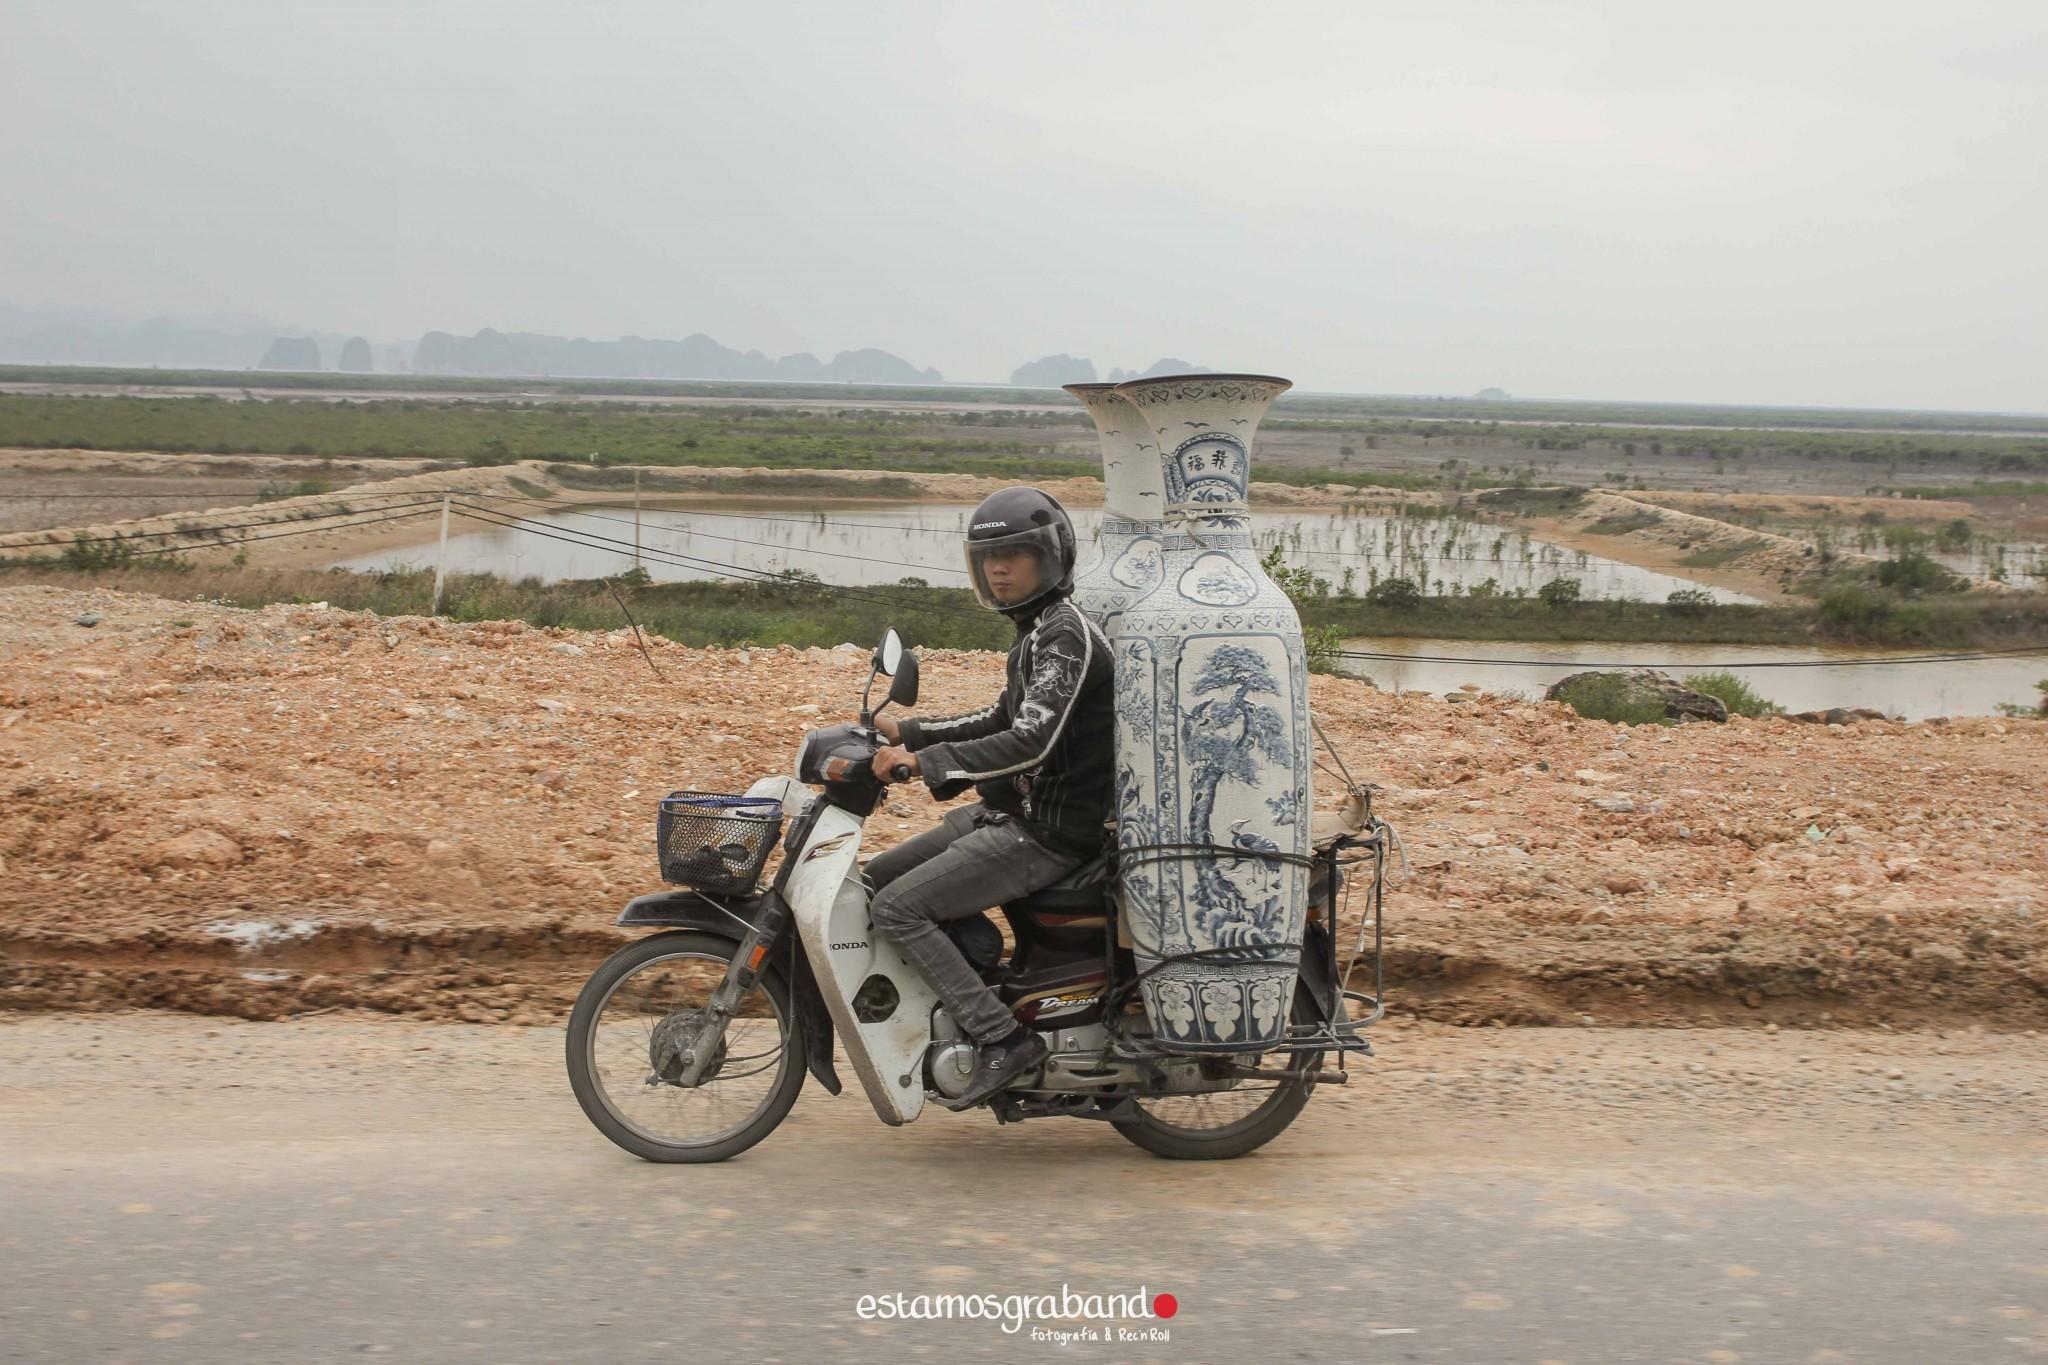 reportaje-vietnam_fotograficc81a-vietnam_estamosgrabando-vietnam_rutasvietnam_reportaje-retratos-fotos-vietnam_fotografia-vietnam_reportaje-estamosgrabando-fotograficc81a-vietnam-49 Pequeños grandes recuerdos de Vietnam en 100 imágenes - video boda cadiz